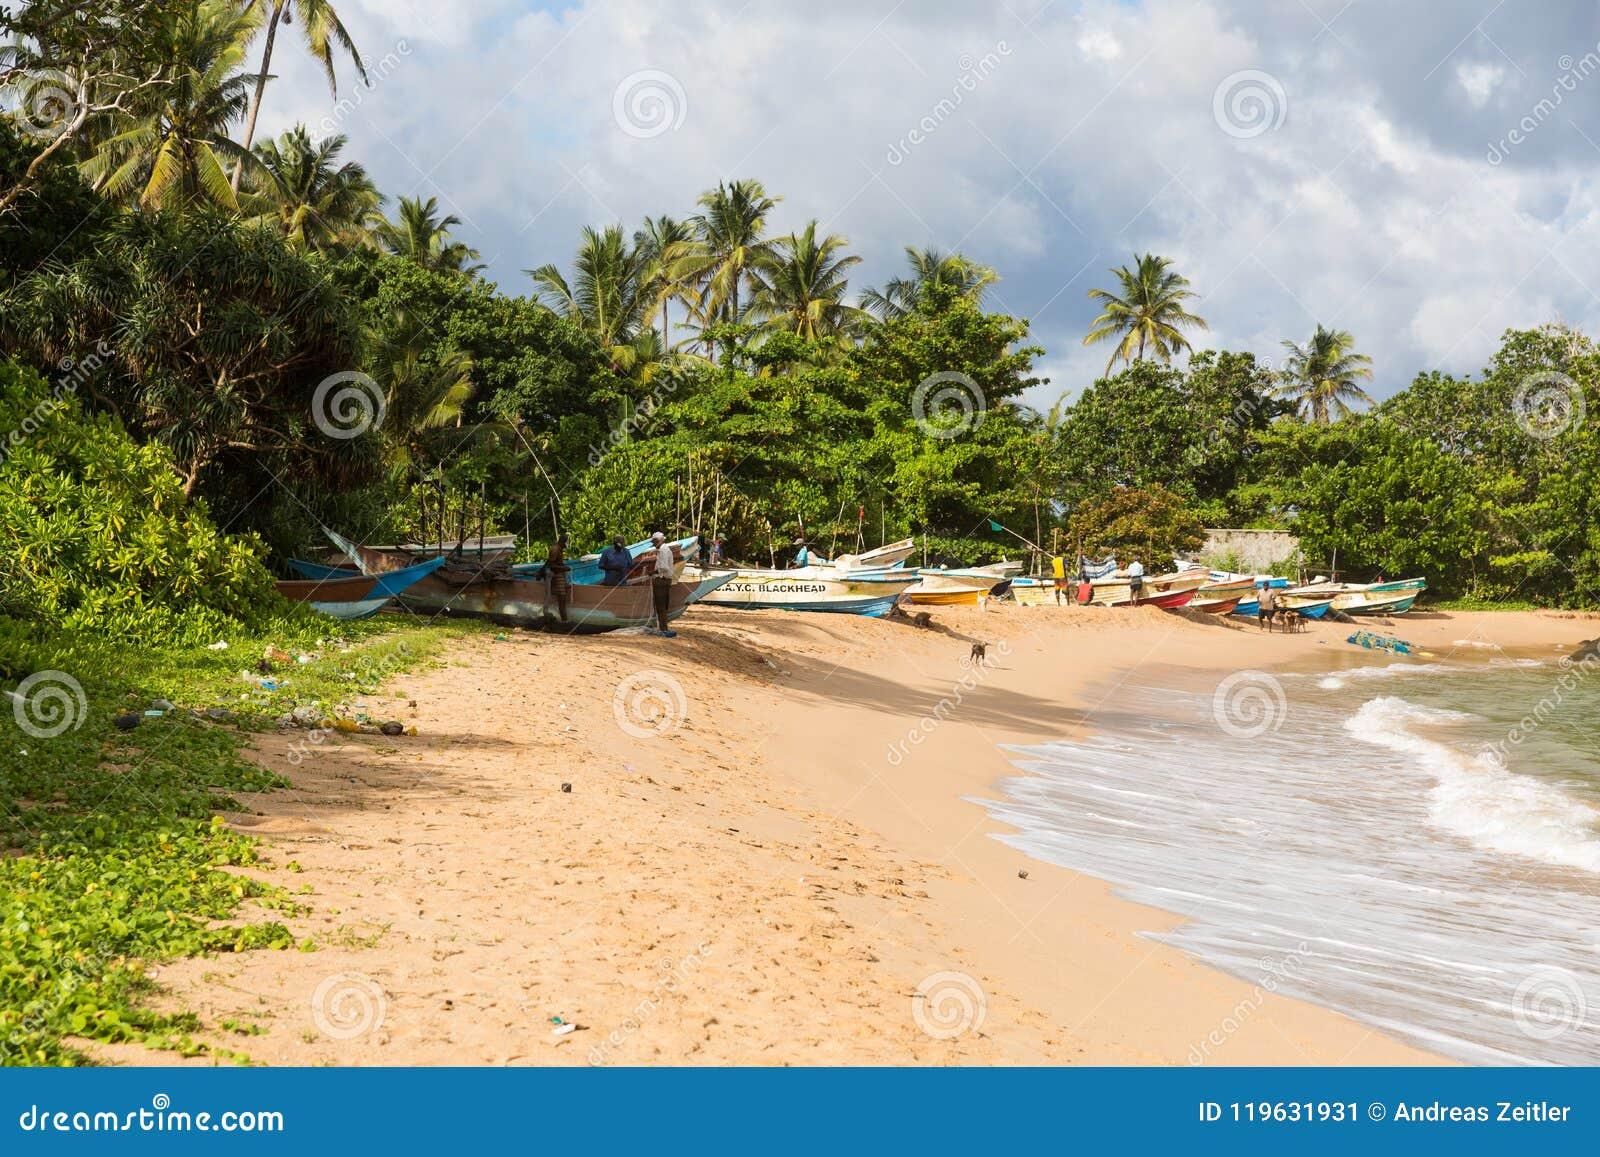 Plage de paradis de Sri Lanka avec le sable blanc, les palmiers et un coucher du soleil scénique